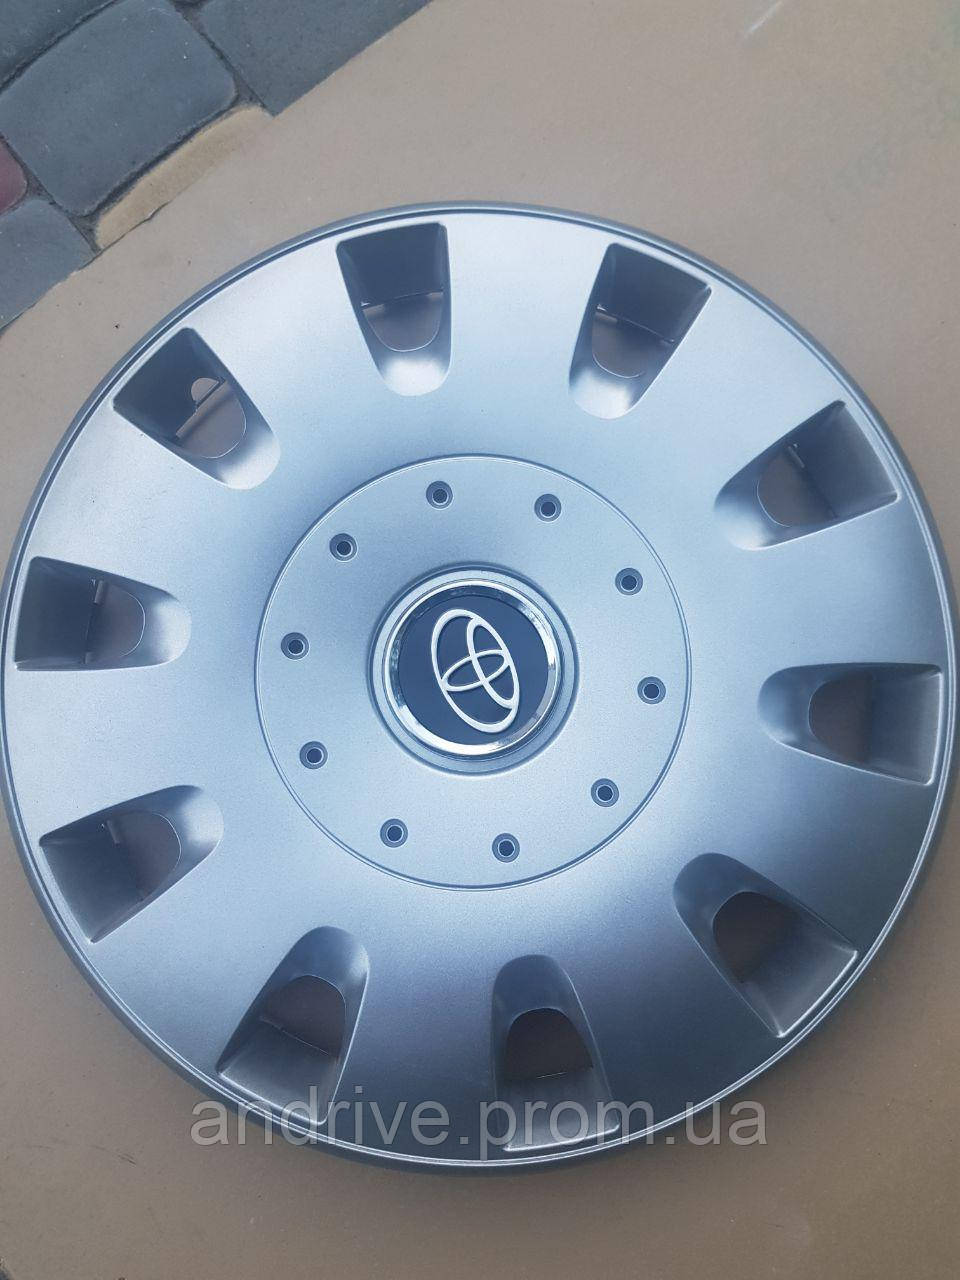 Колпаки на колеса R16 TOYOTA полный комплект SJS (Турция)